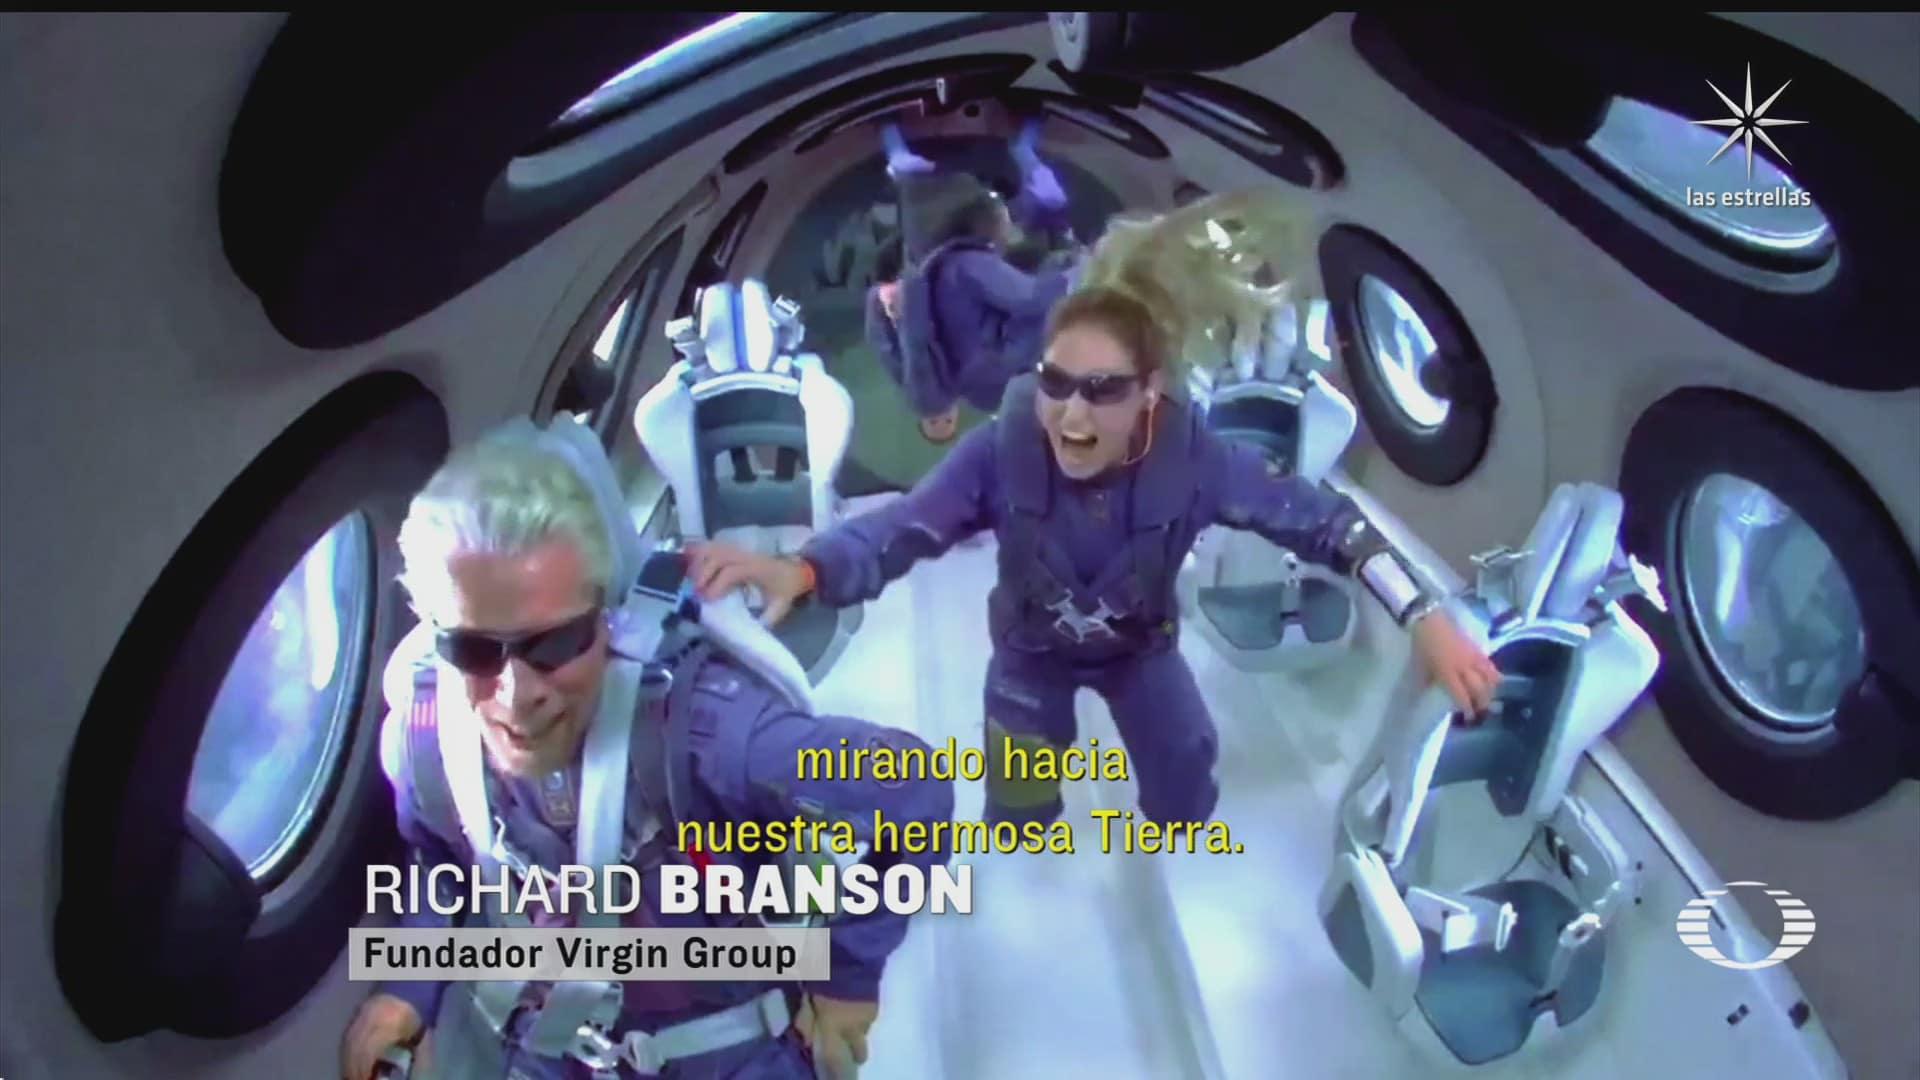 multimillonario richard branson celebra lanzamiento de su cohete de pasajeros